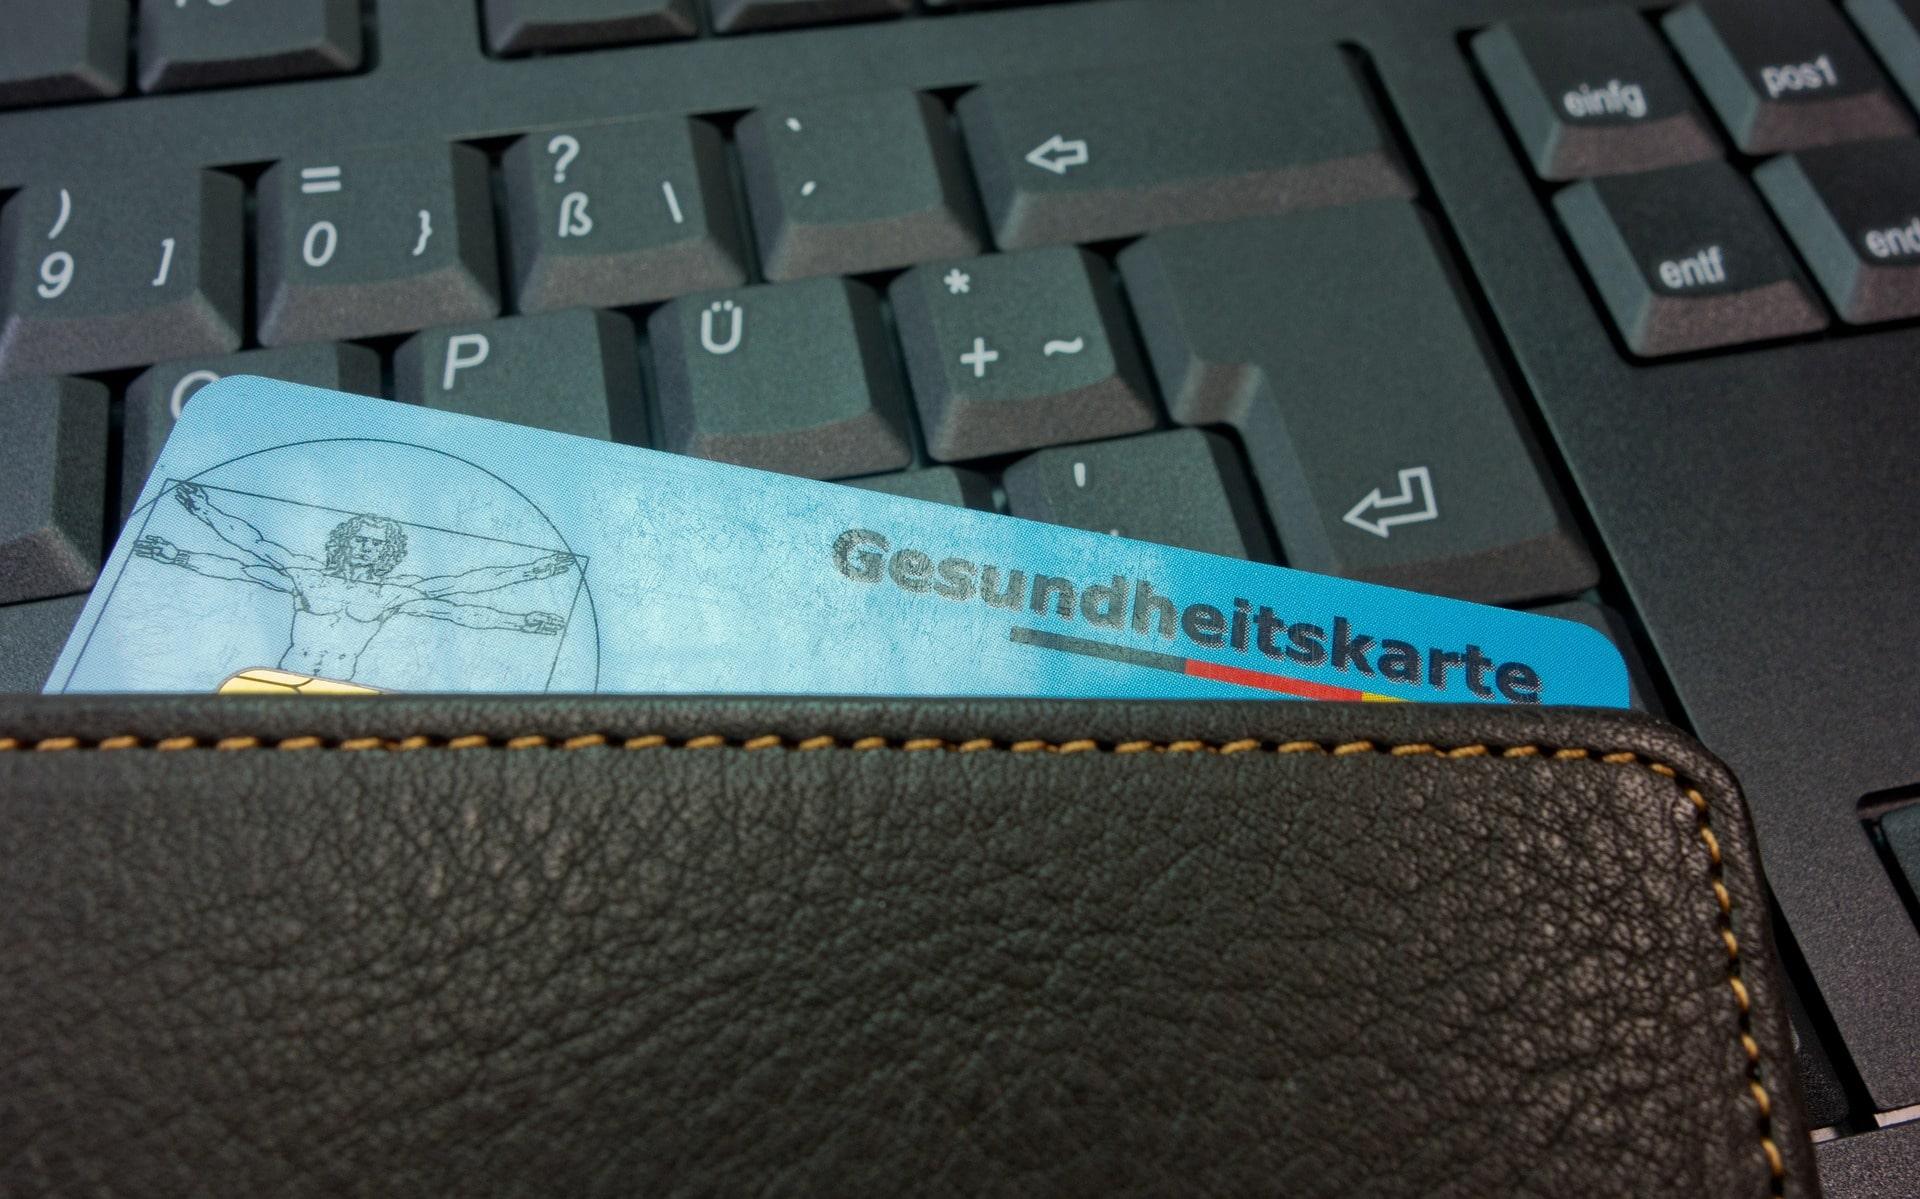 Assicurazione sanitaria tedesca